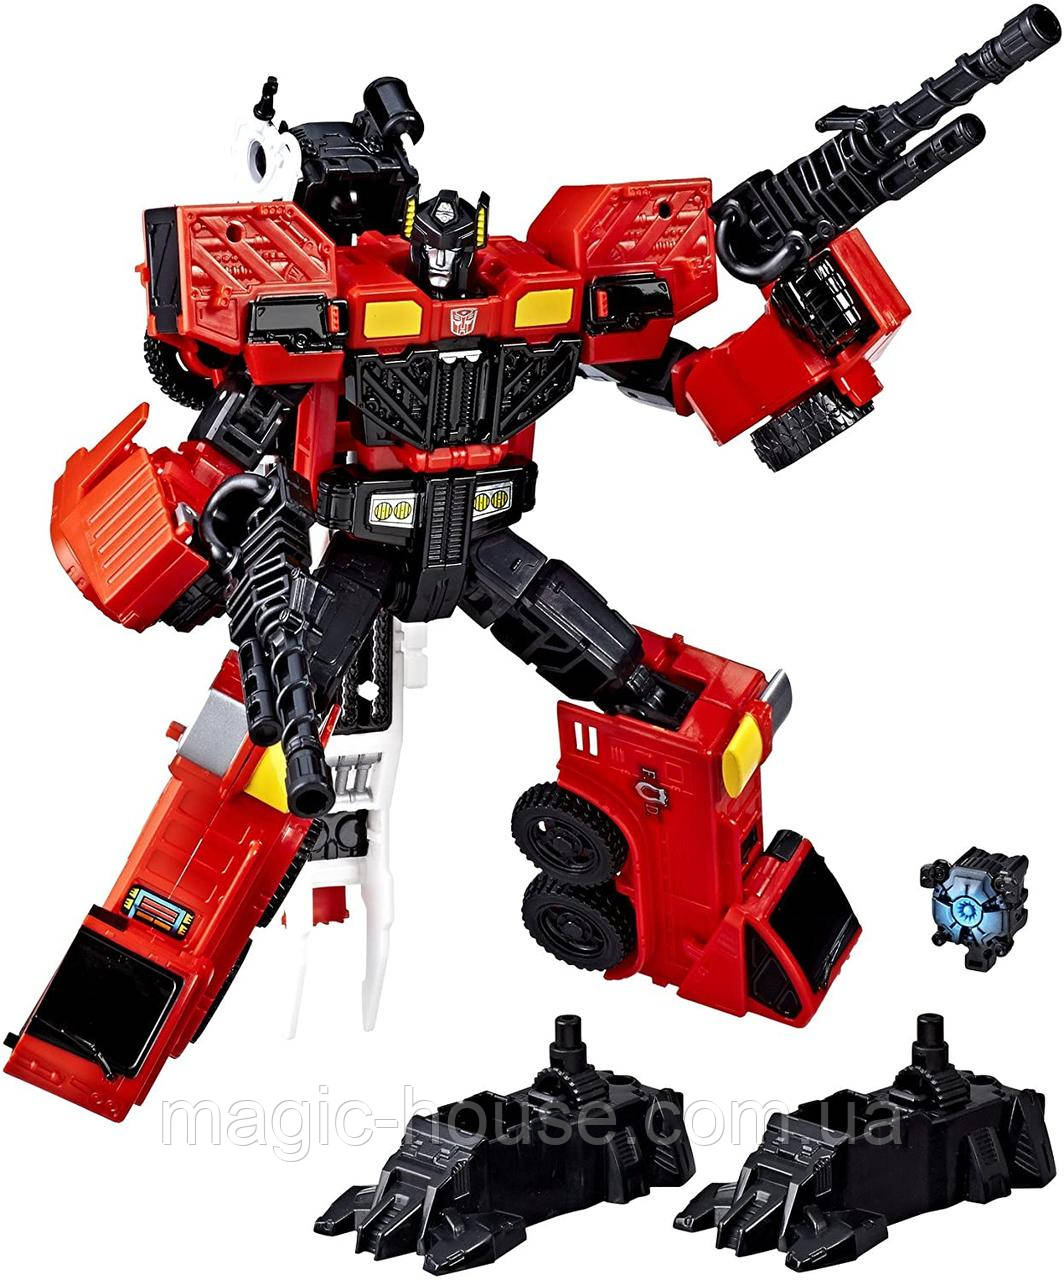 Трансформер Инферно  Пожарная машина Оригинал Transformers Voyager Inferno